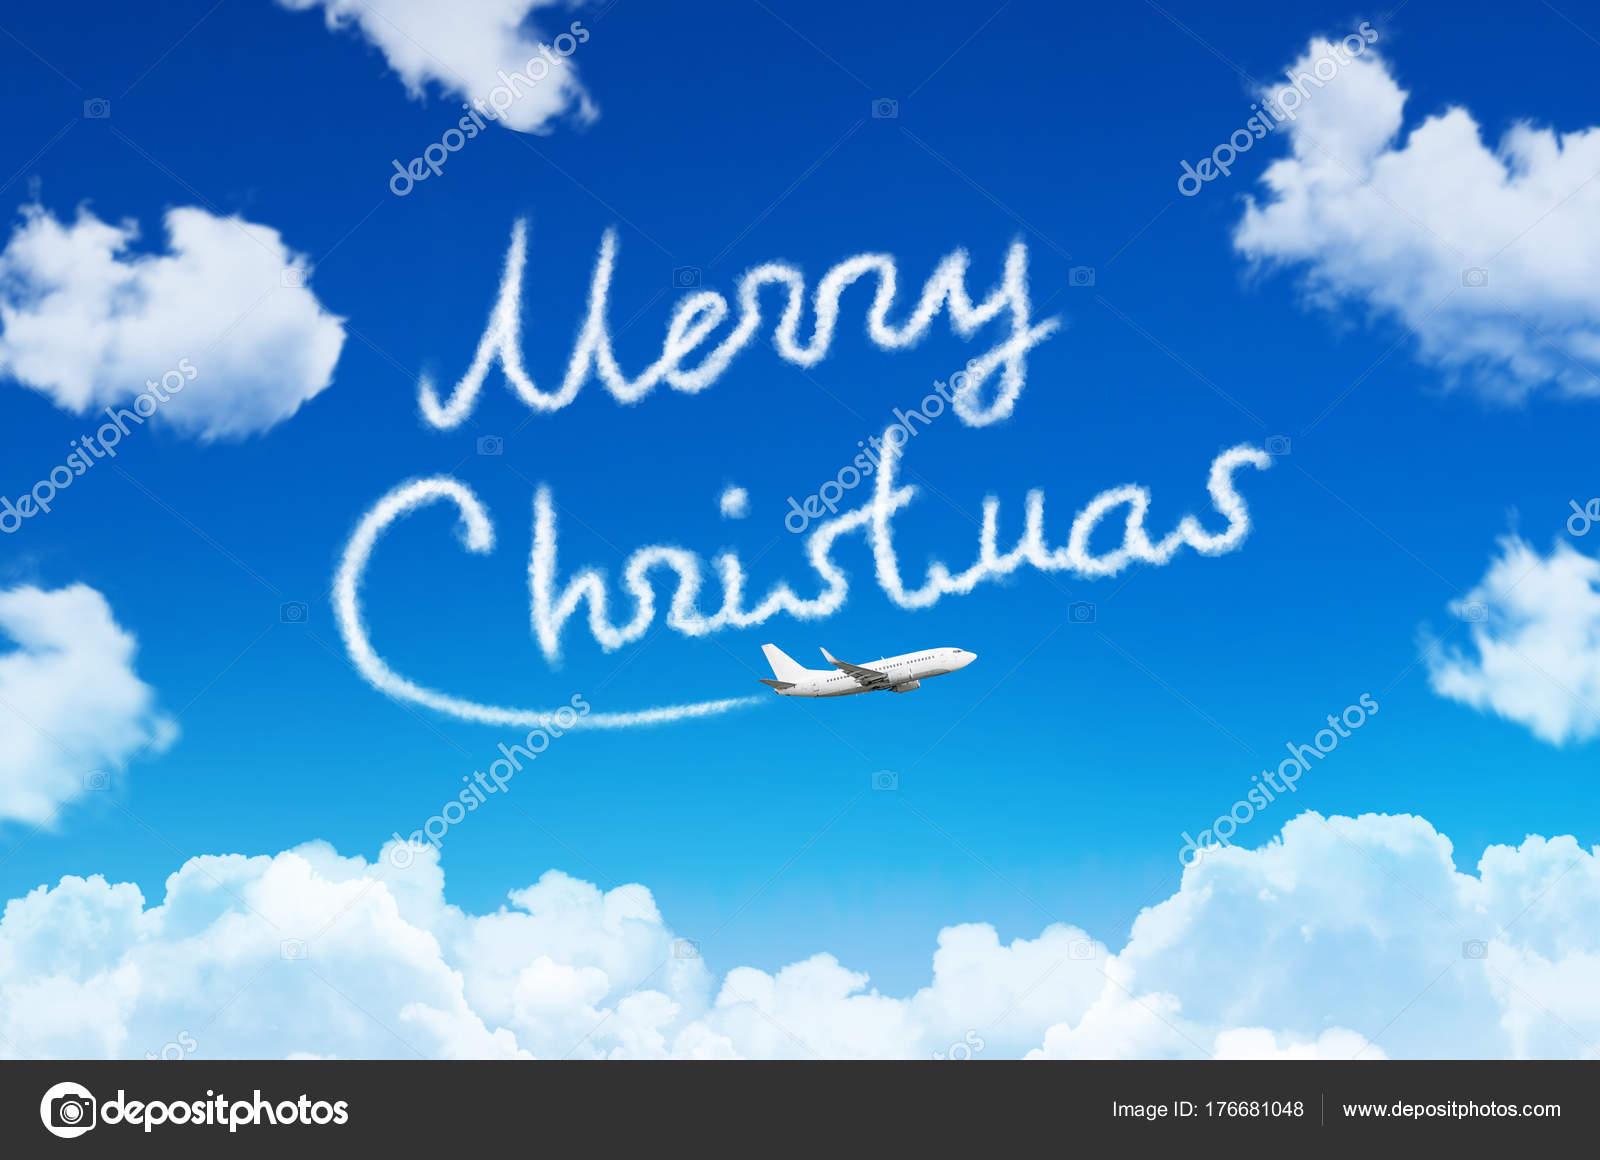 Frohe Weihnachten Flugzeug.Glucklich Frohe Weihnachten Konzept Zeichnung Von Flugzeug